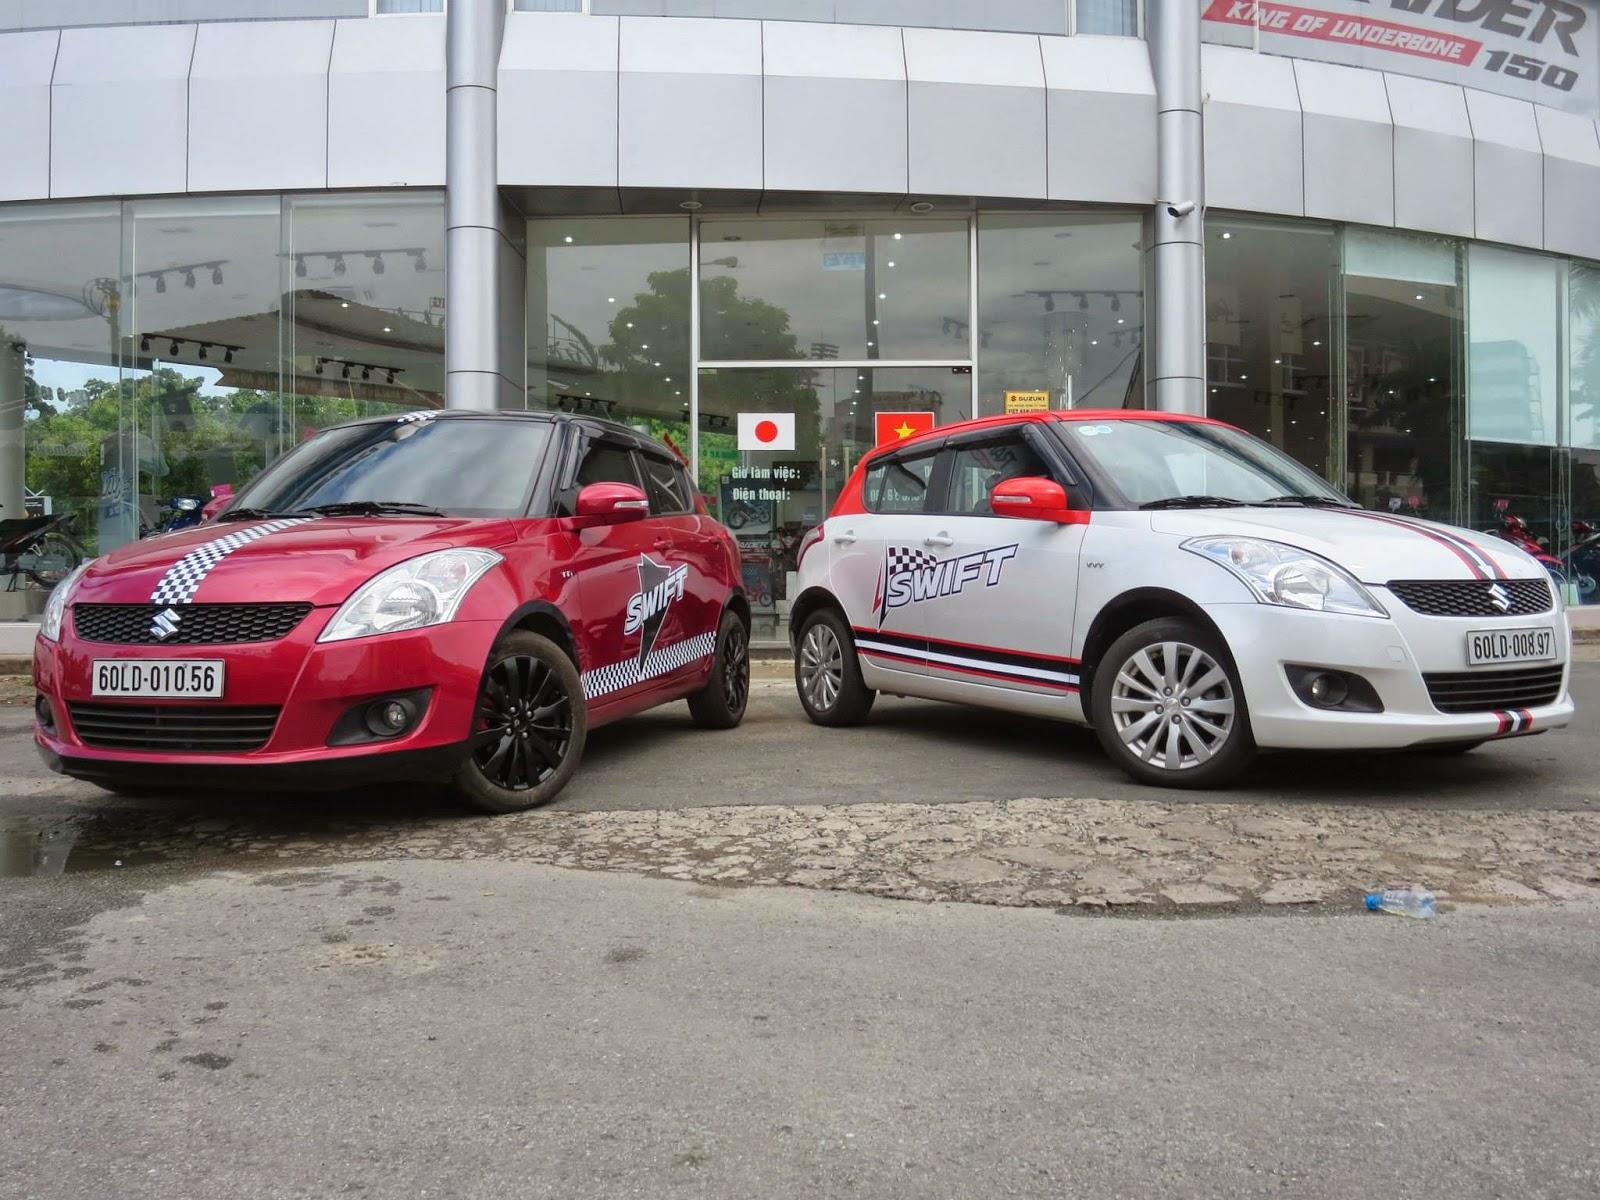 Suzuki Swift lắp ráp tại Việt Nam